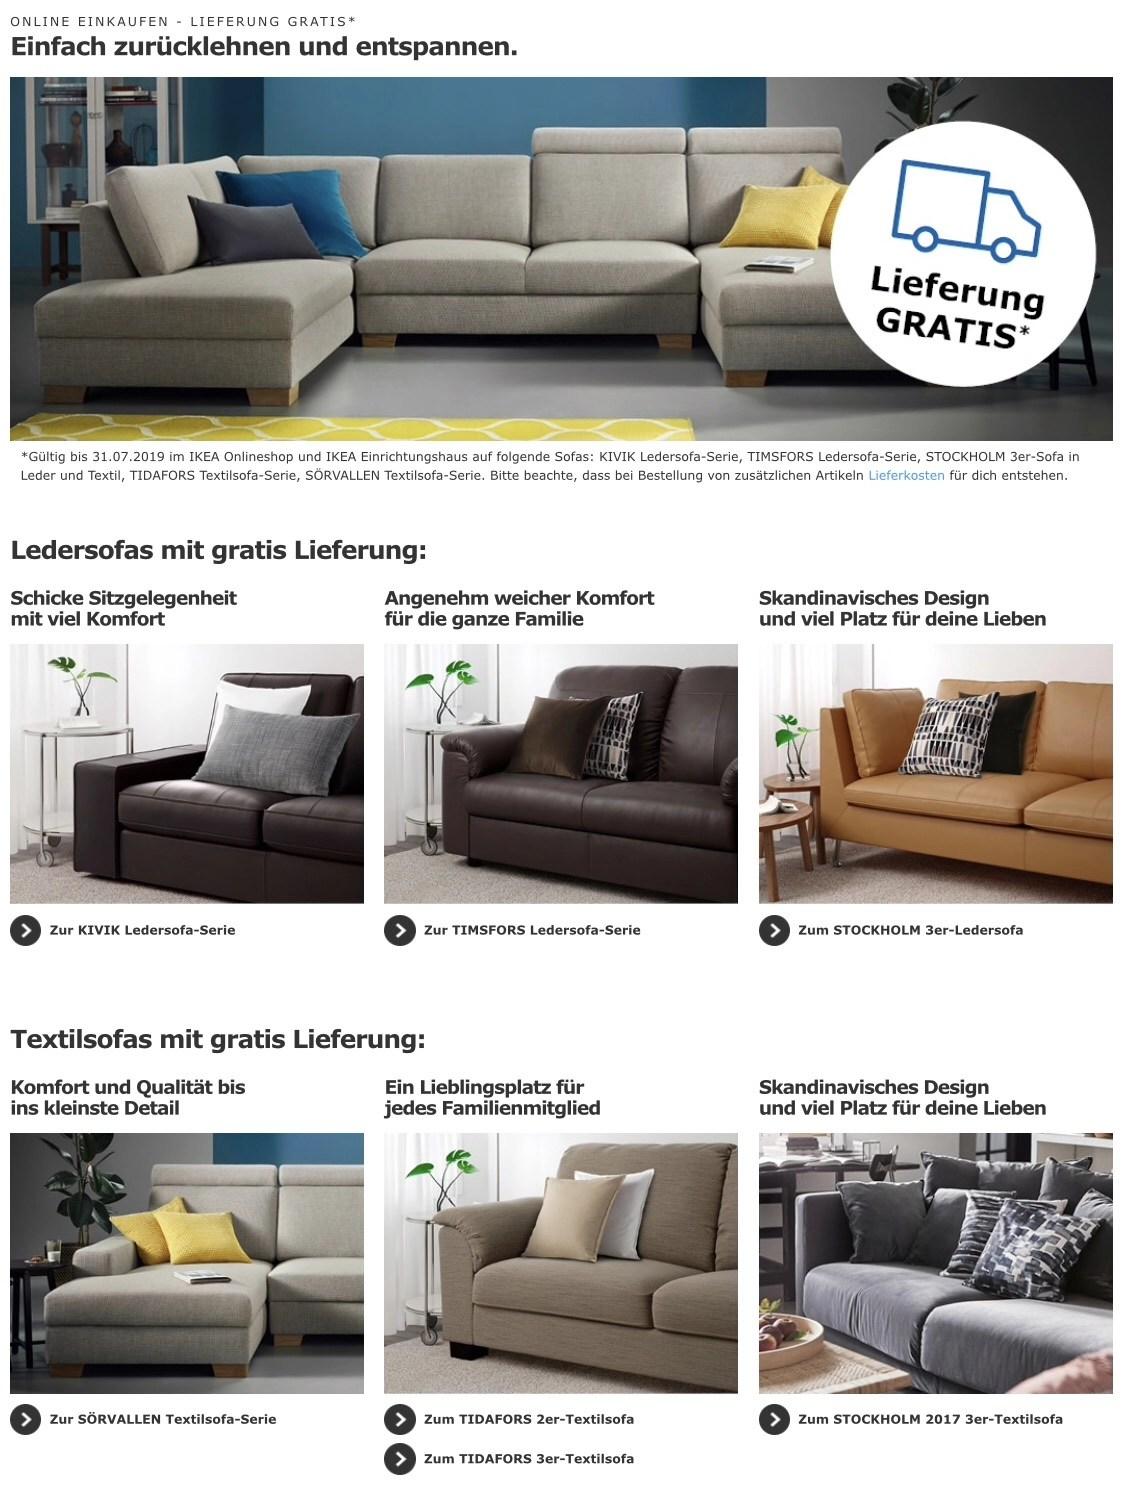 ikea wohnzimmer s rvallen sofa gem tlich best of galerie s rvallen sofa serie ikea. Black Bedroom Furniture Sets. Home Design Ideas